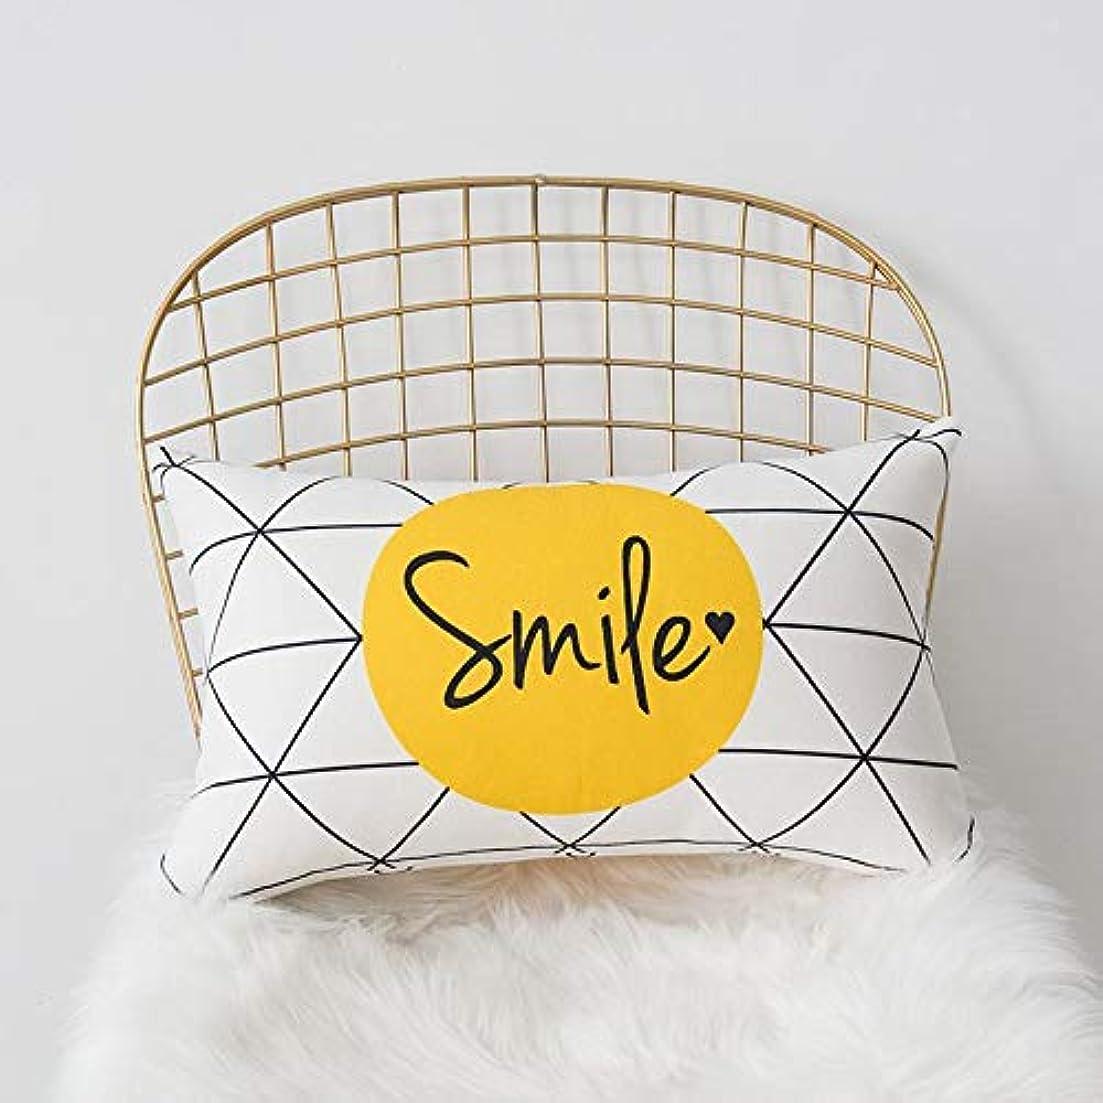 放置クラウン均等にLIFE 黄色グレー枕北欧スタイル黄色ヘラジカ幾何枕リビングルームのインテリアソファクッション Cojines 装飾良質 クッション 椅子